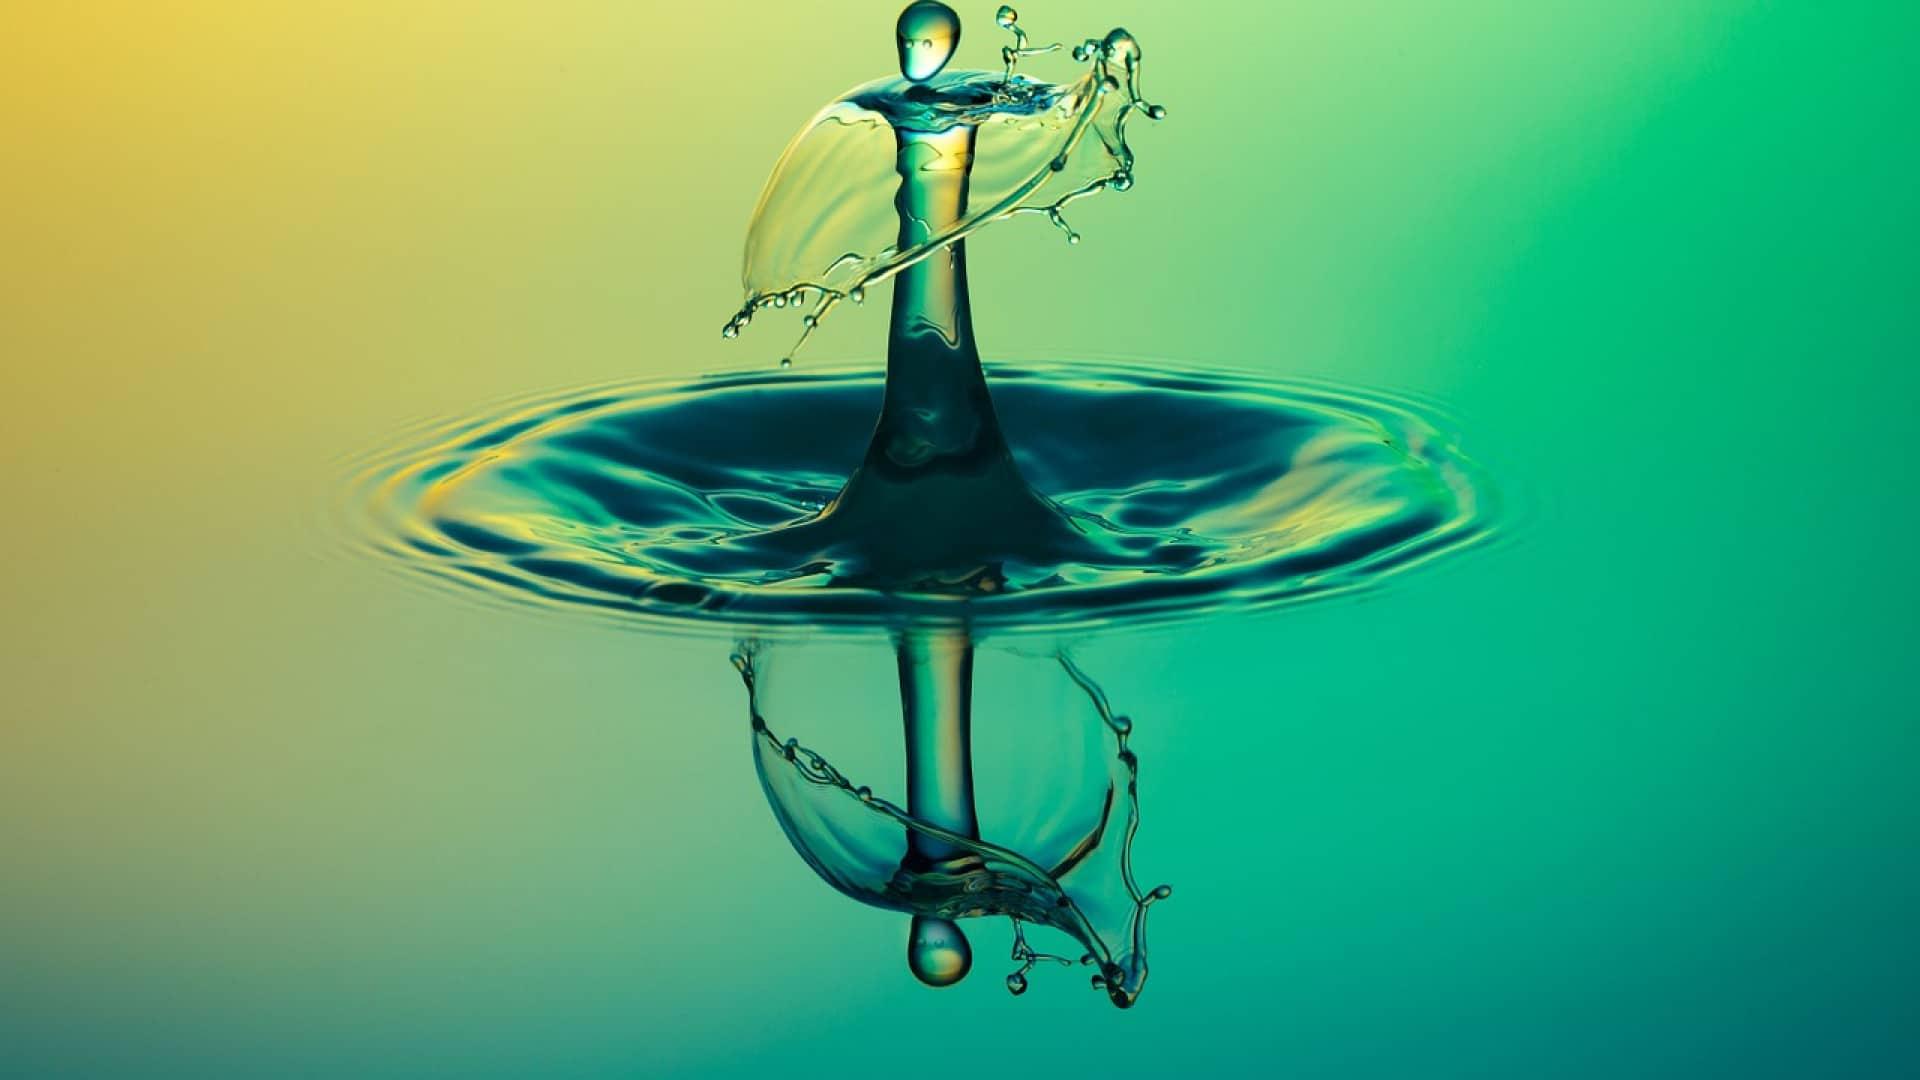 Comment choisir un adoucisseur d'eau ?